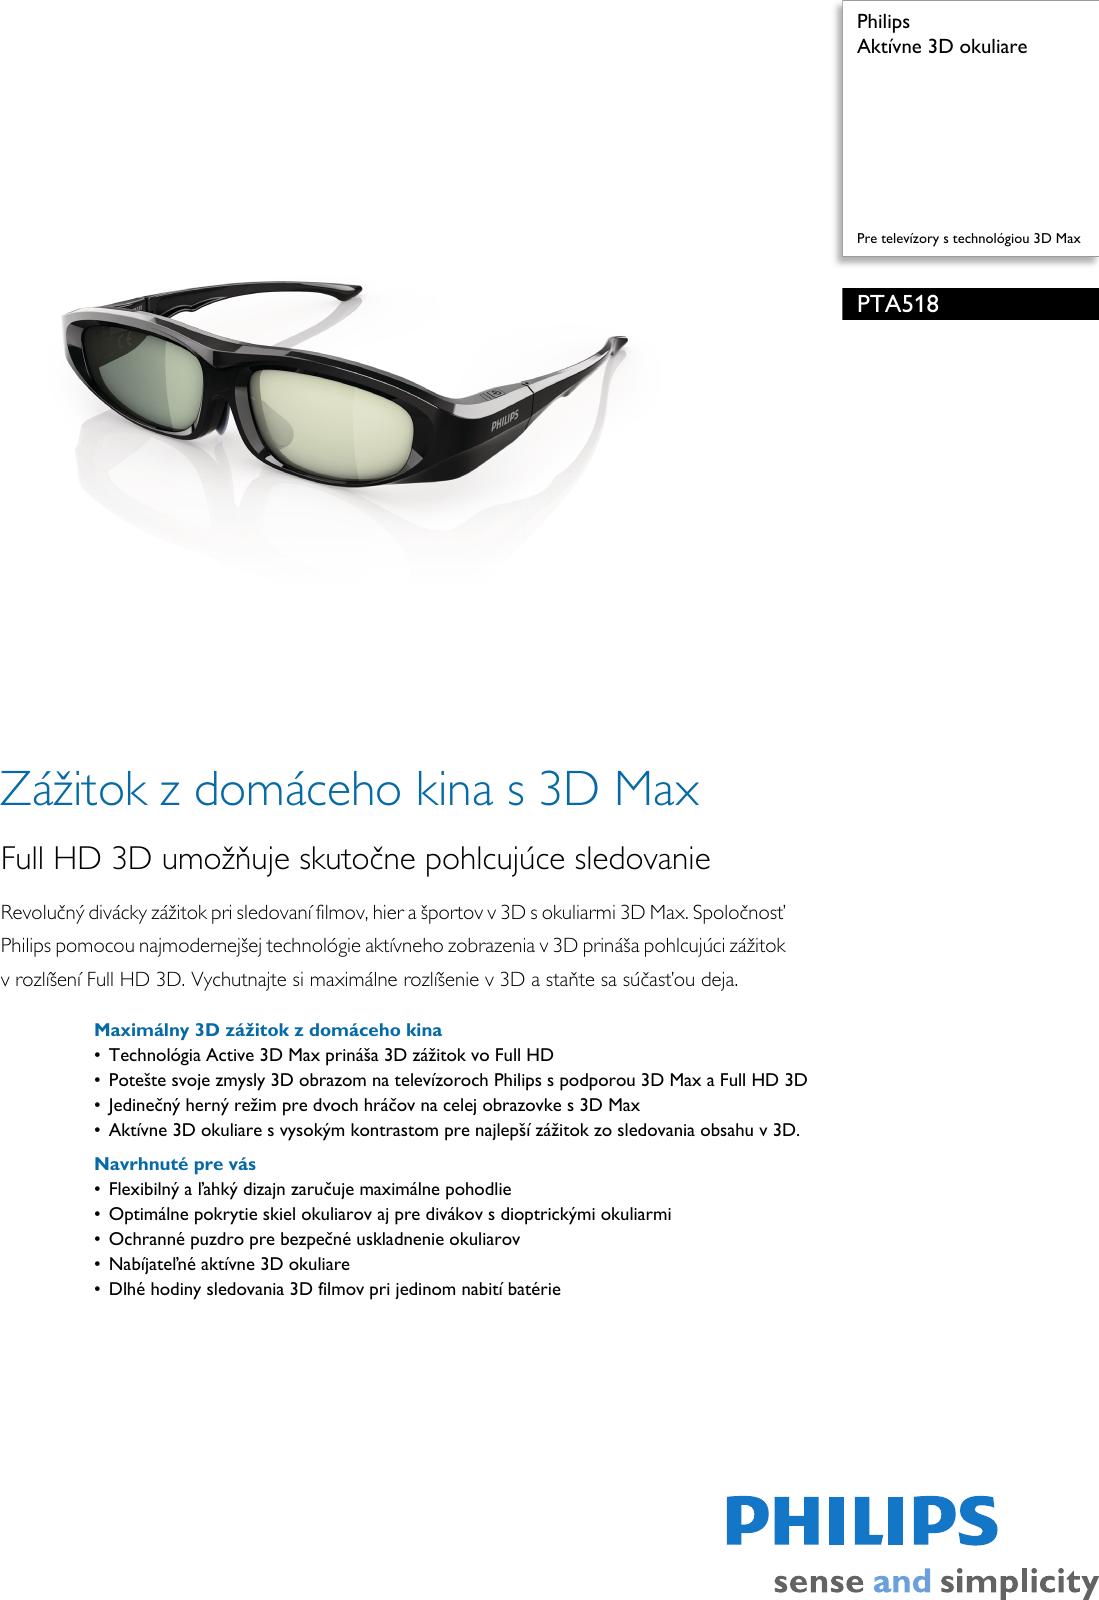 f35cb2714 Philips PTA518/00 Aktívne 3D Okuliare User Manual Prospekt Pta518 00 Pss  Slksk